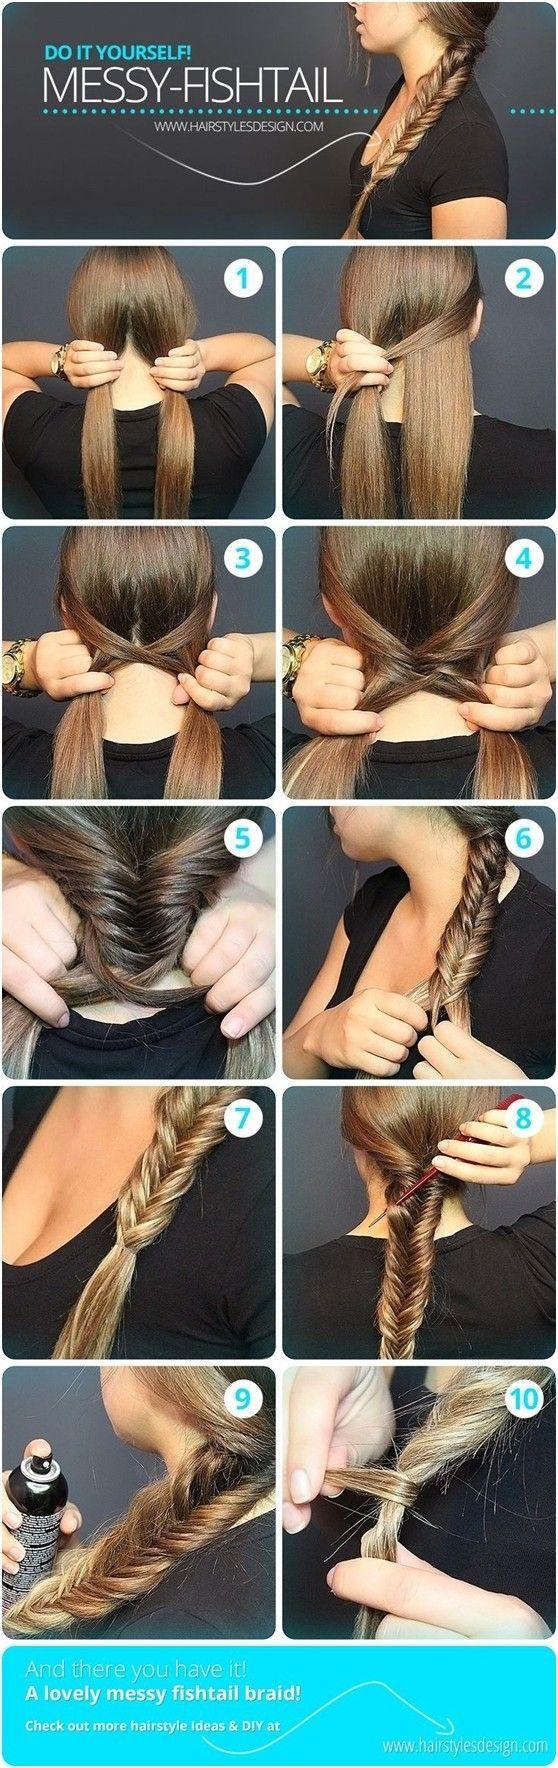 10 Fishtail Braid Ideas For Long Hair Popular Haircuts Hair Styles Long Hair Styles Messy Fishtail Braids